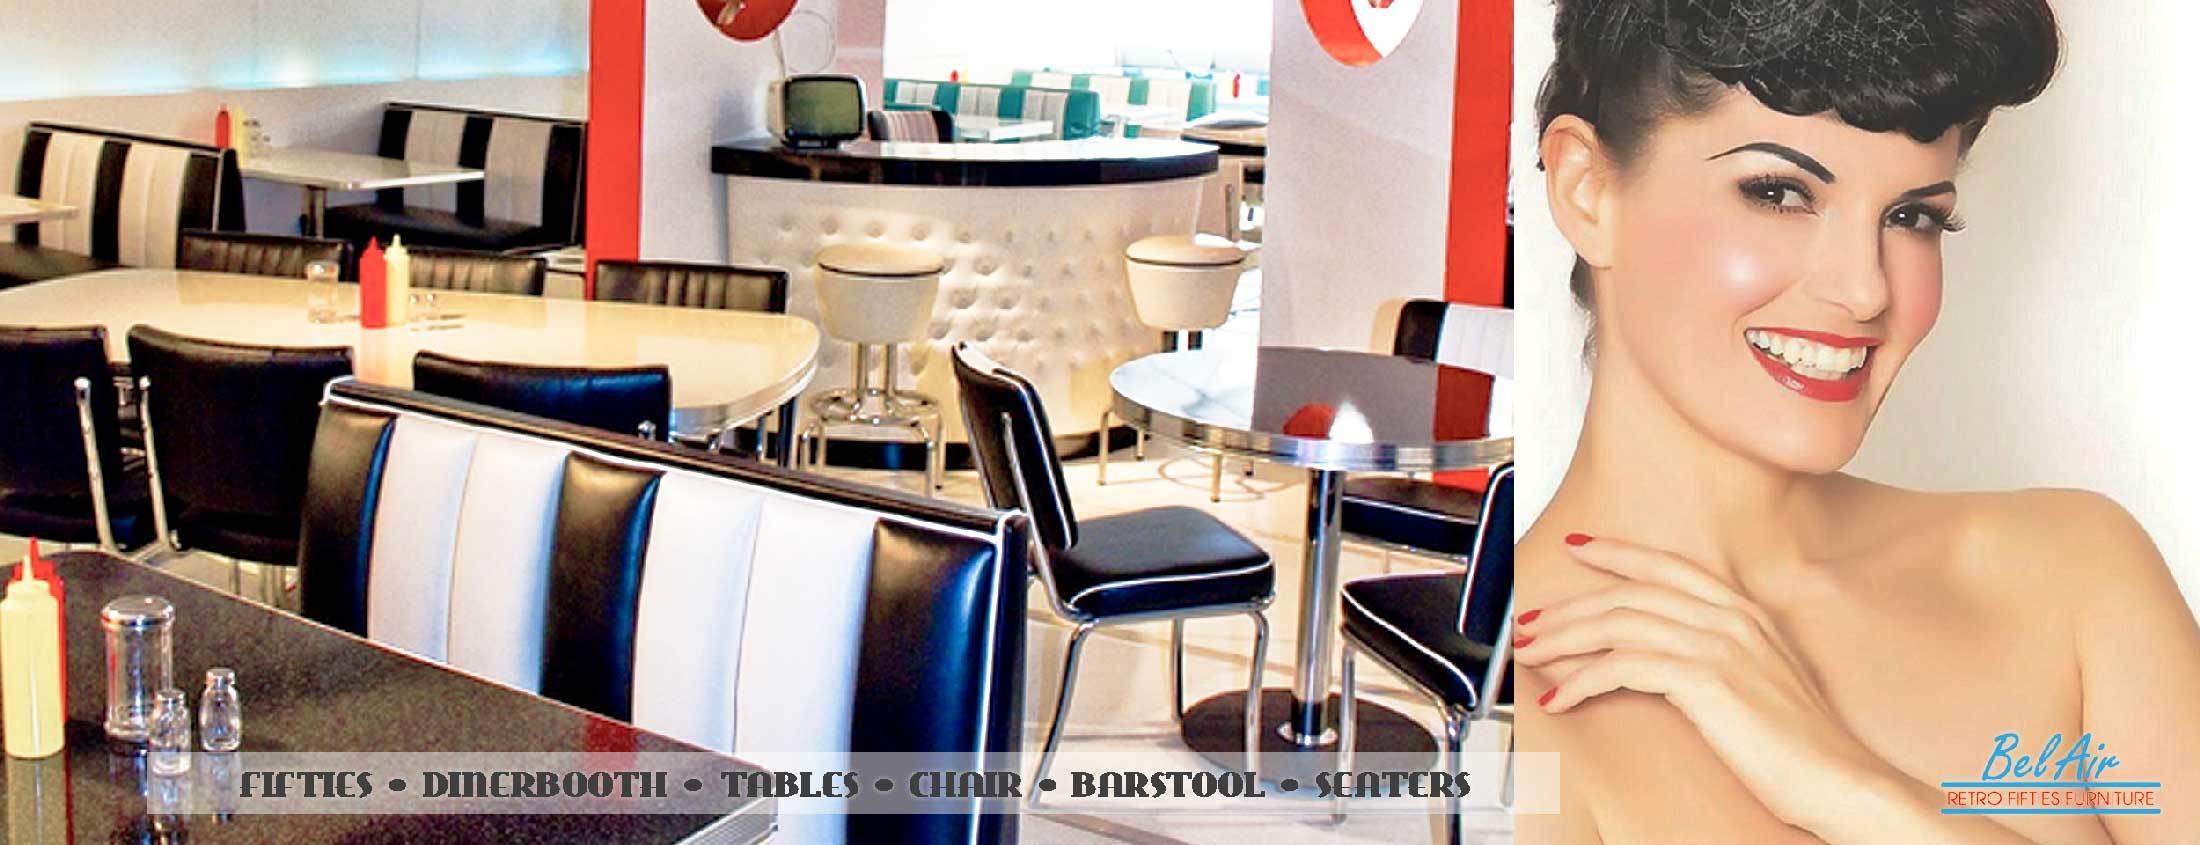 Amerikaanse diner voor thuis of zakelijk gebruik! Gehele collectie Bel Air meubels